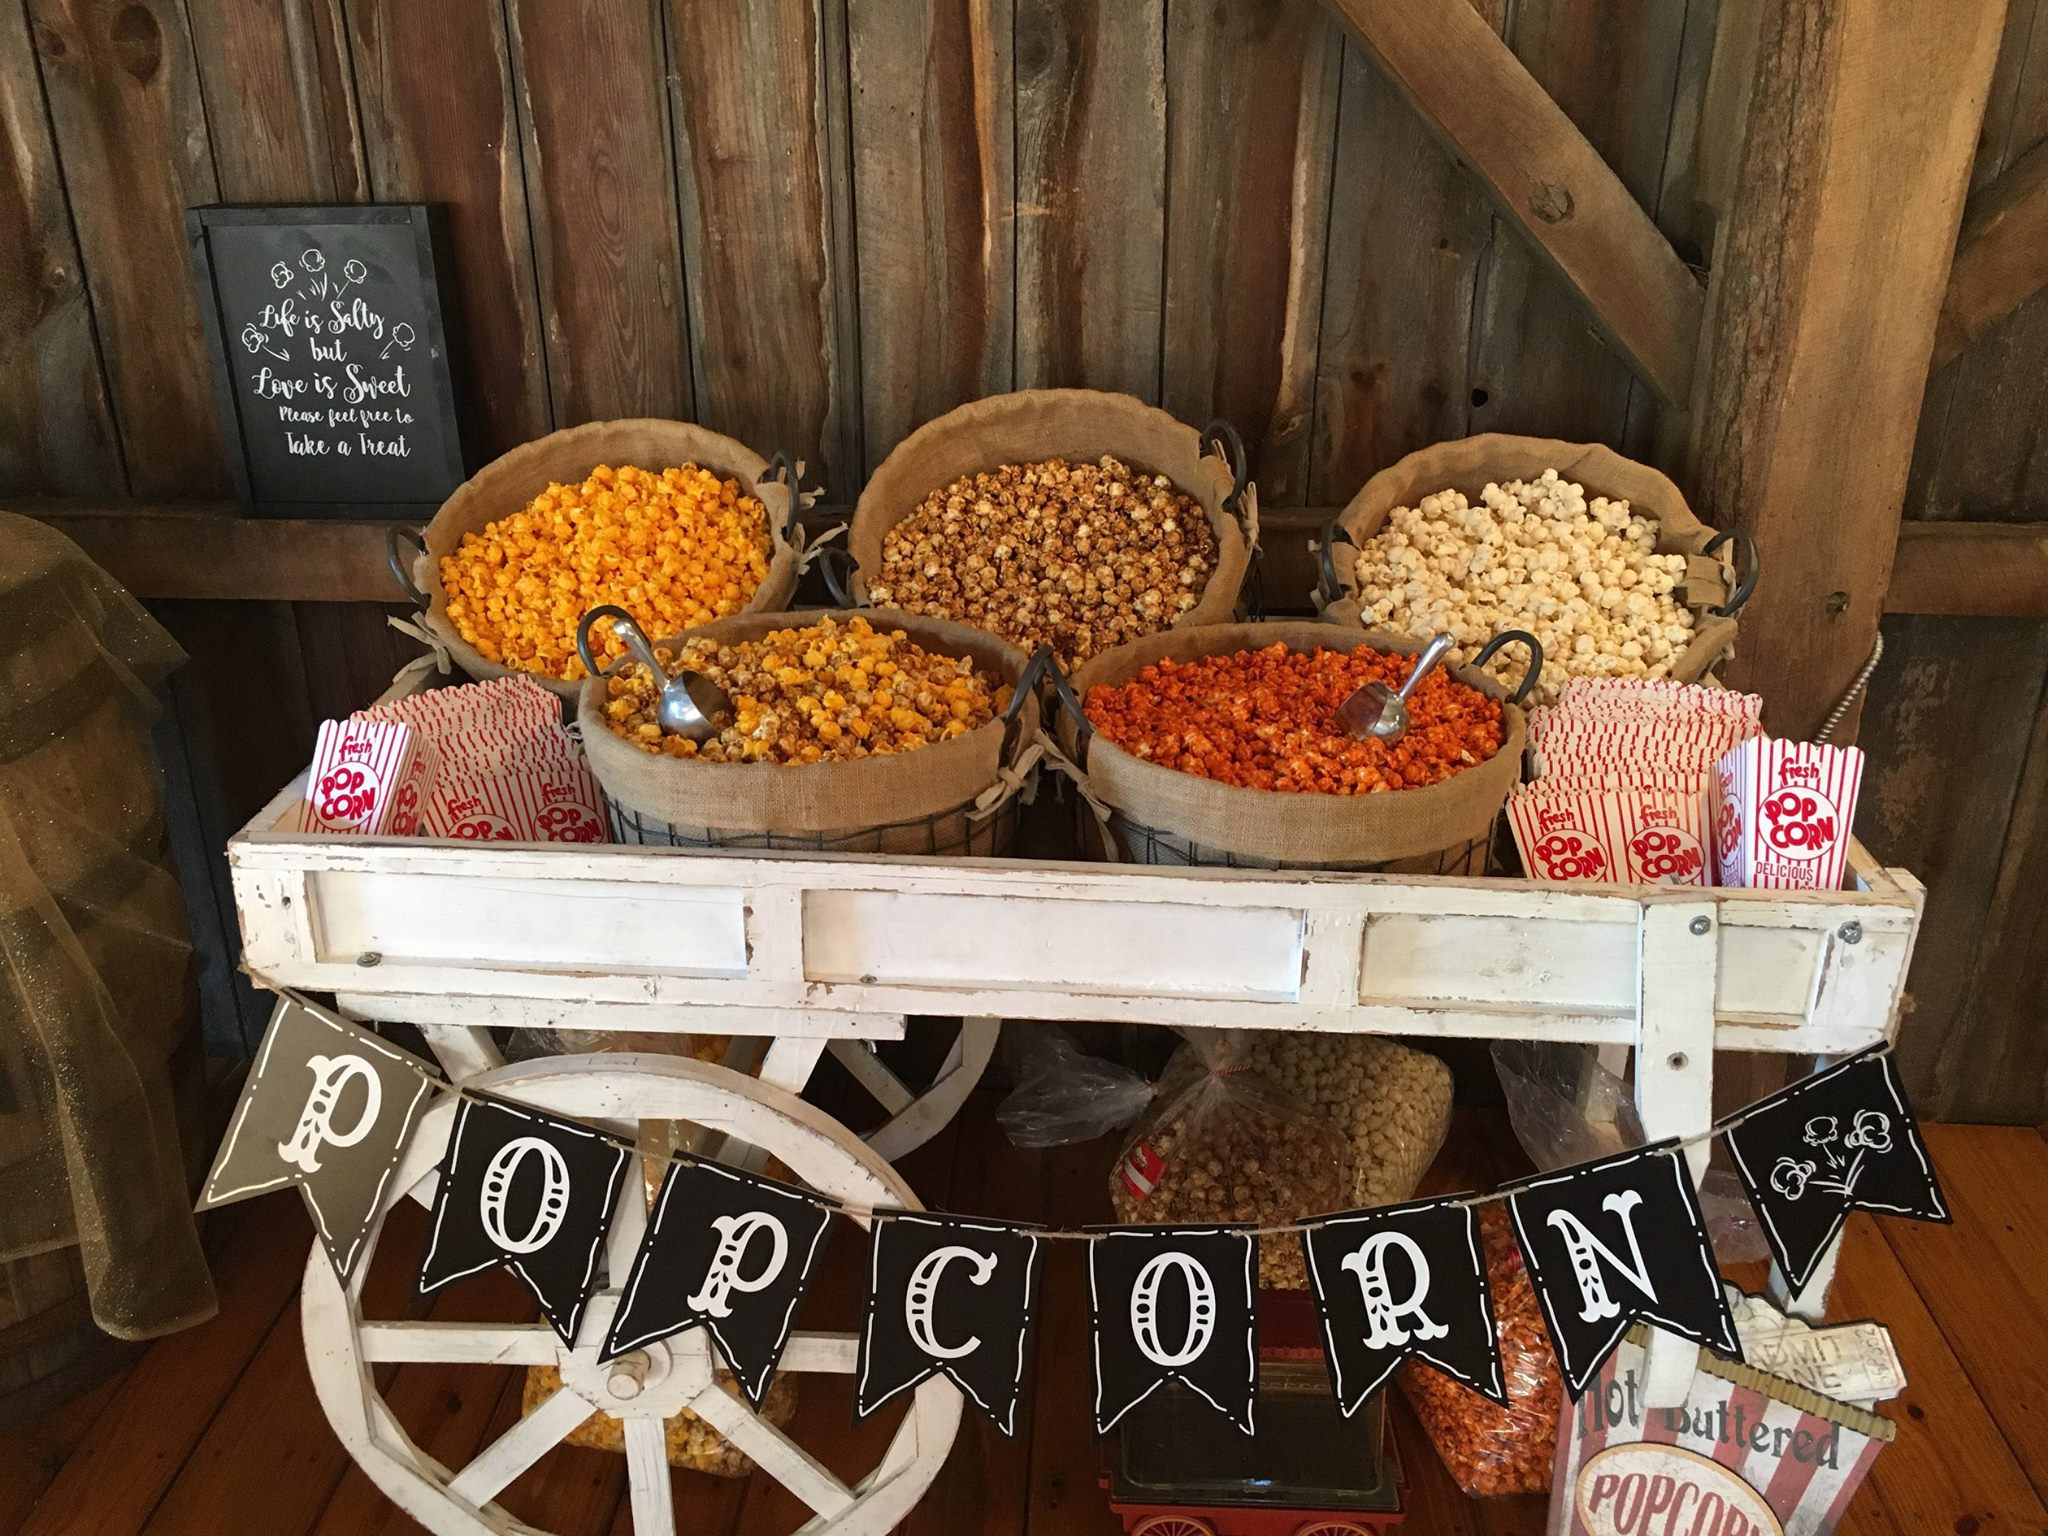 Popcorn trolly at a wedding reception